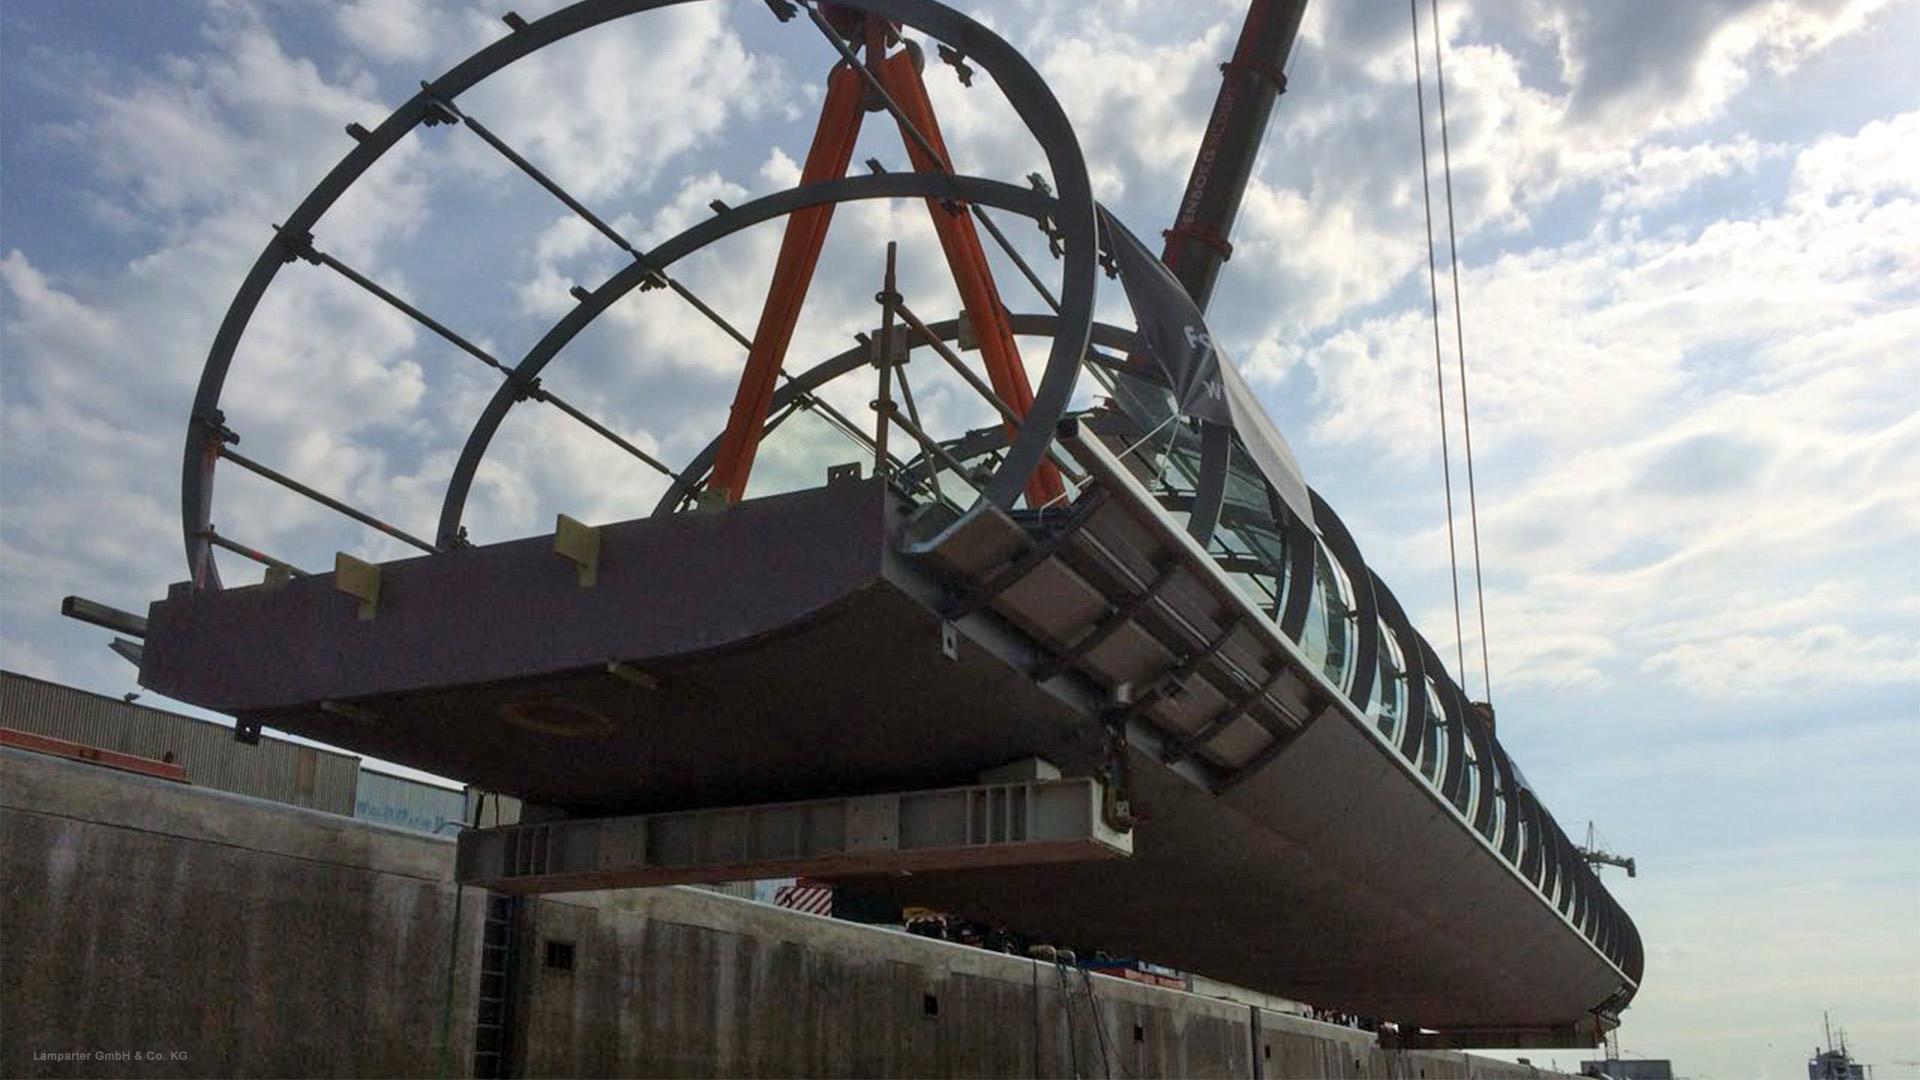 Hamburg Hochbahn Brücke 1. Verbindungsbrücke aus Stahl und Glas. Metallbau, Stahlbau.